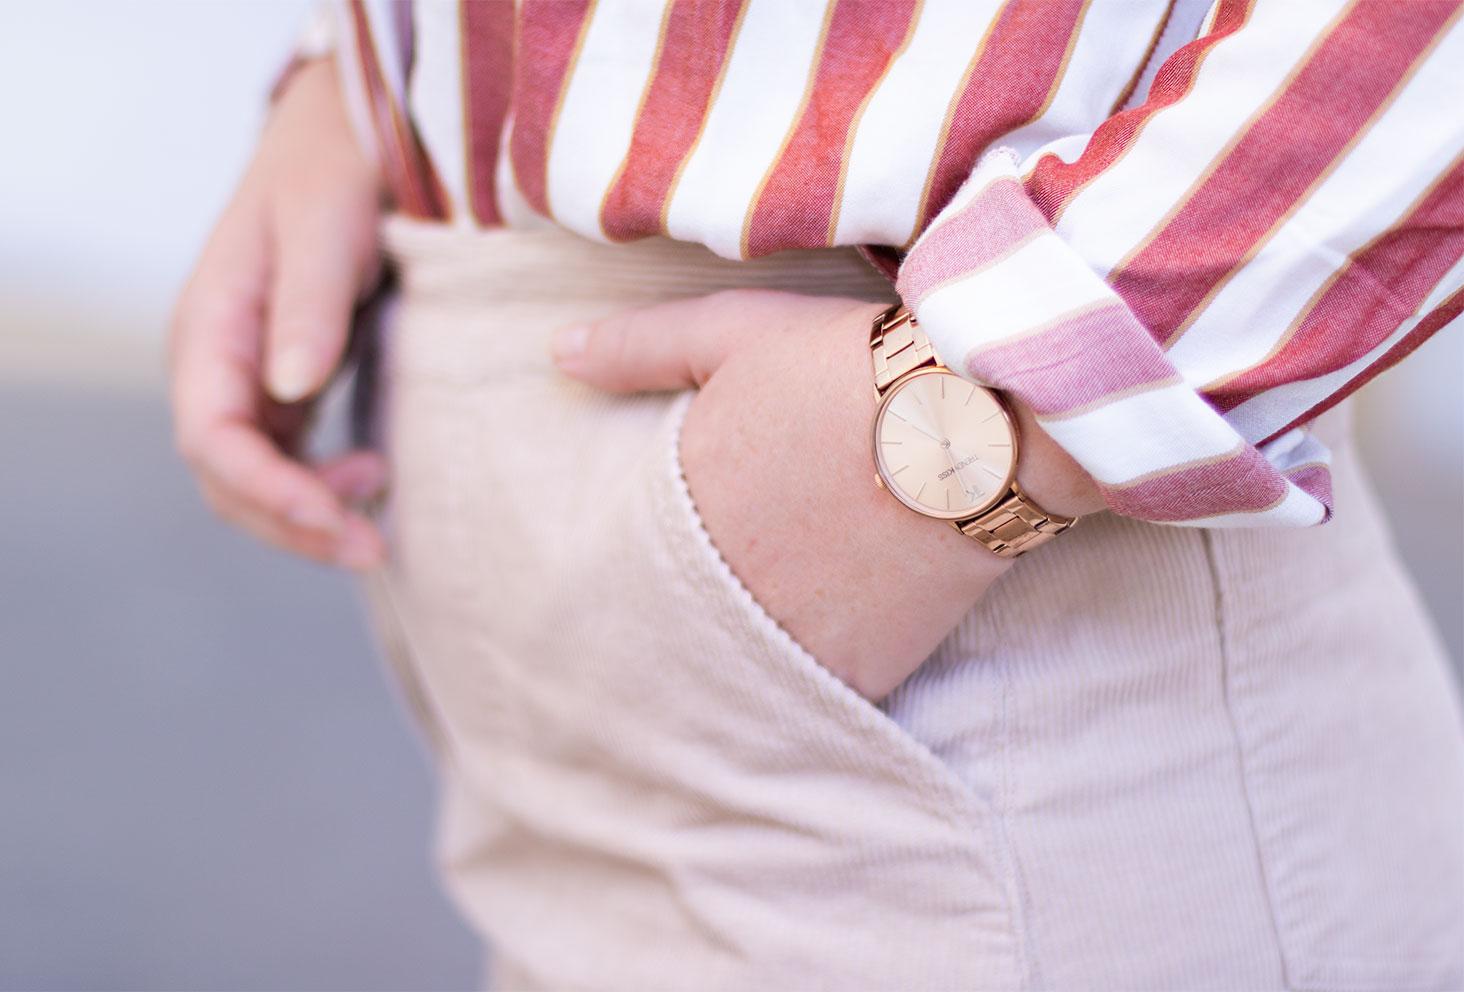 Zoom sur la montre dorée Trendy Kiss portée, la main dans la poche d'une jupe en velours beige